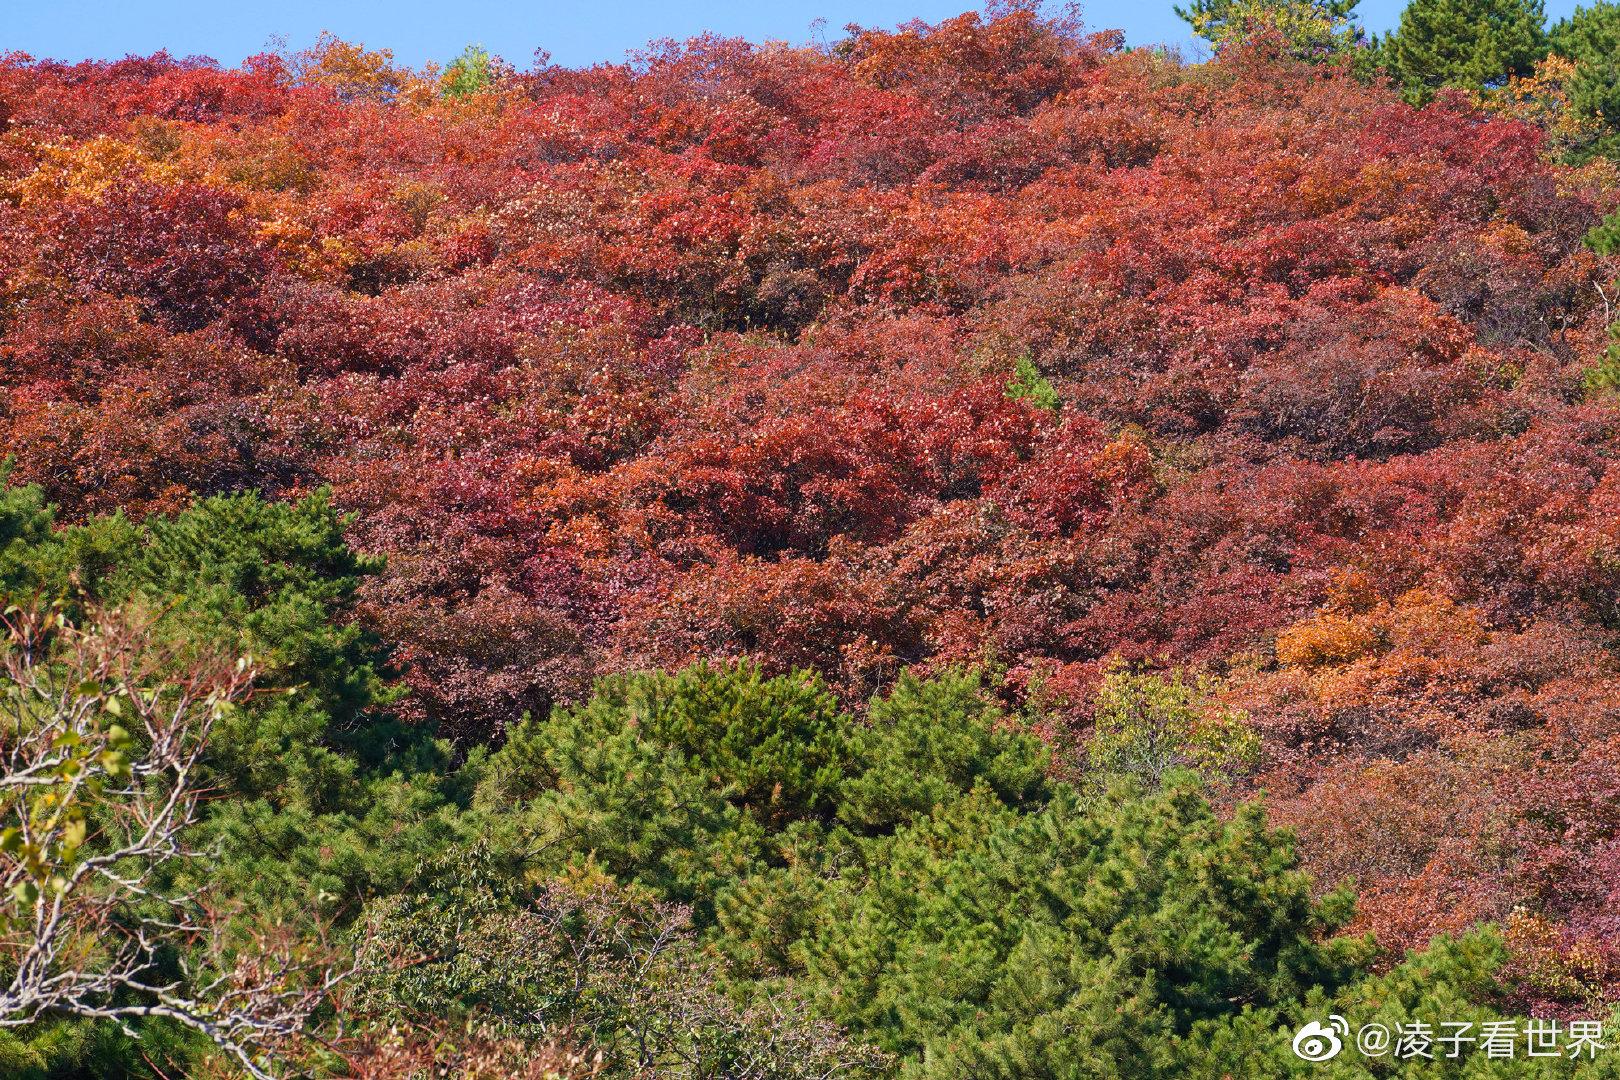 金秋十月清凉谷已经到了赏秋色的最好时候